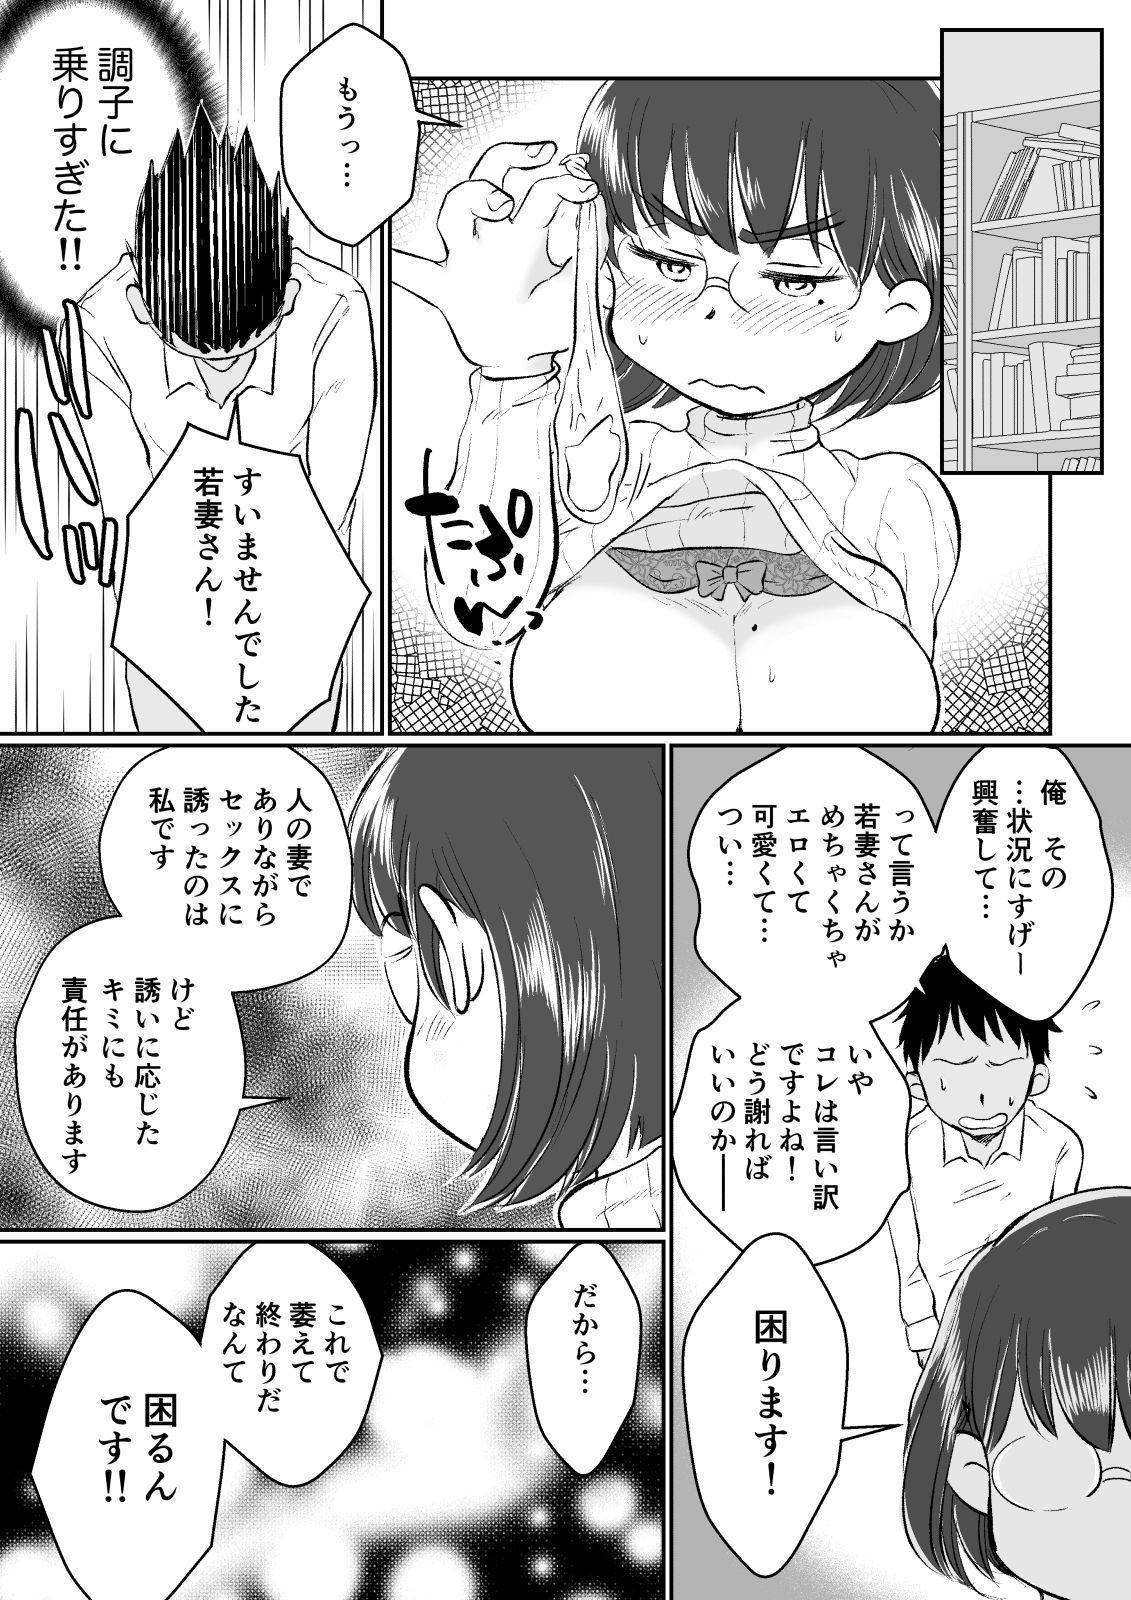 [Megitsune Works] Wakazuma-san wa Yokkyuu Fuman! Akogare no Shisho no Wakazuma-san ga Gakusei Beit no Boku no Fudeoroshi o Shite kuremashita. 55